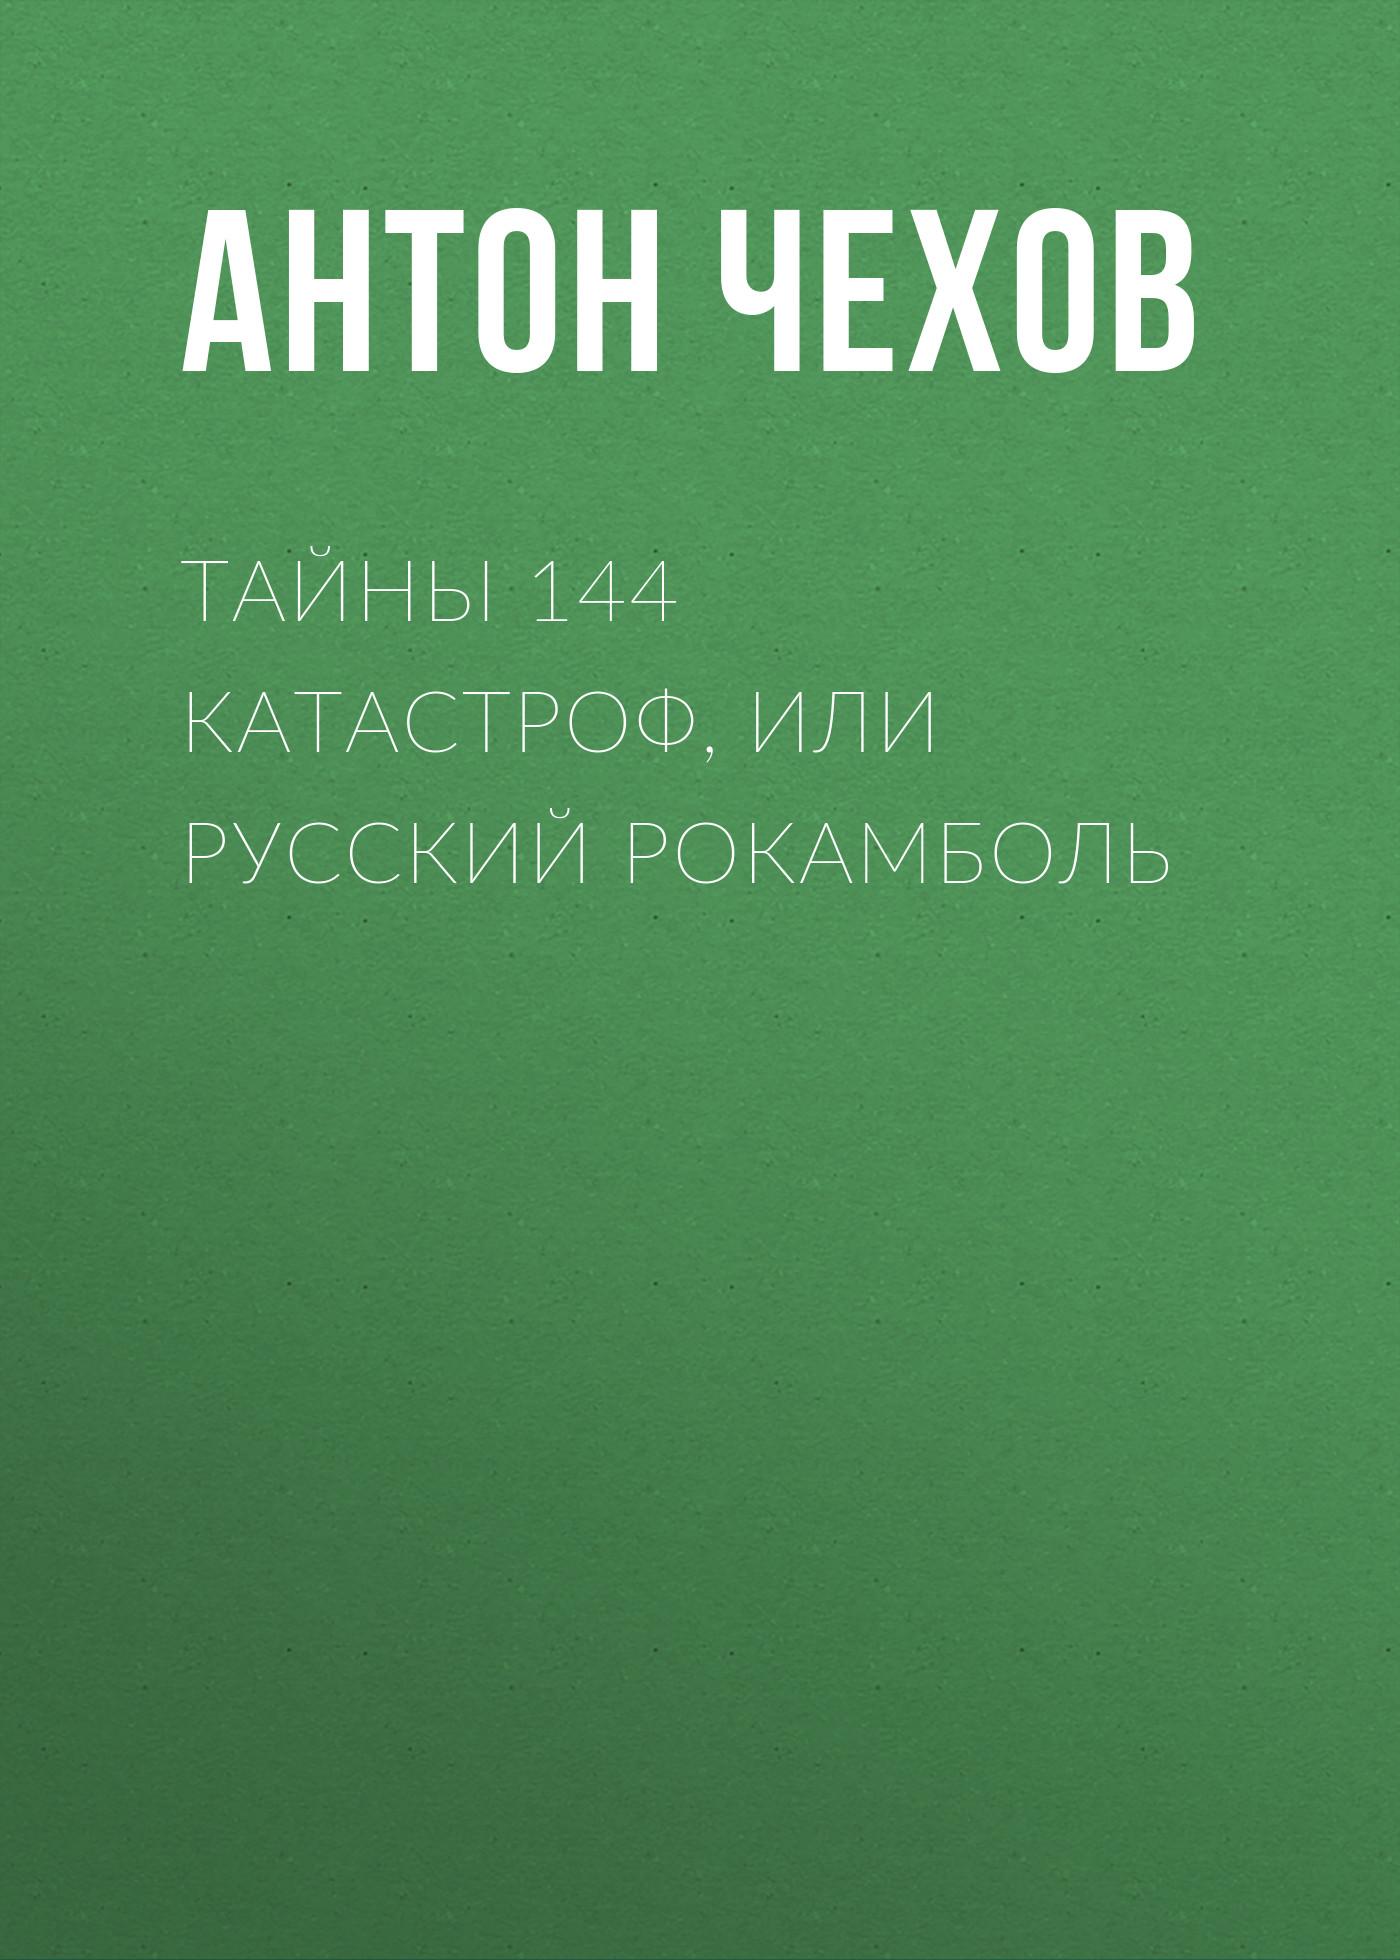 Антон Чехов Тайны 144 катастроф, или Русский Рокамболь чехов а юмористические рассказы